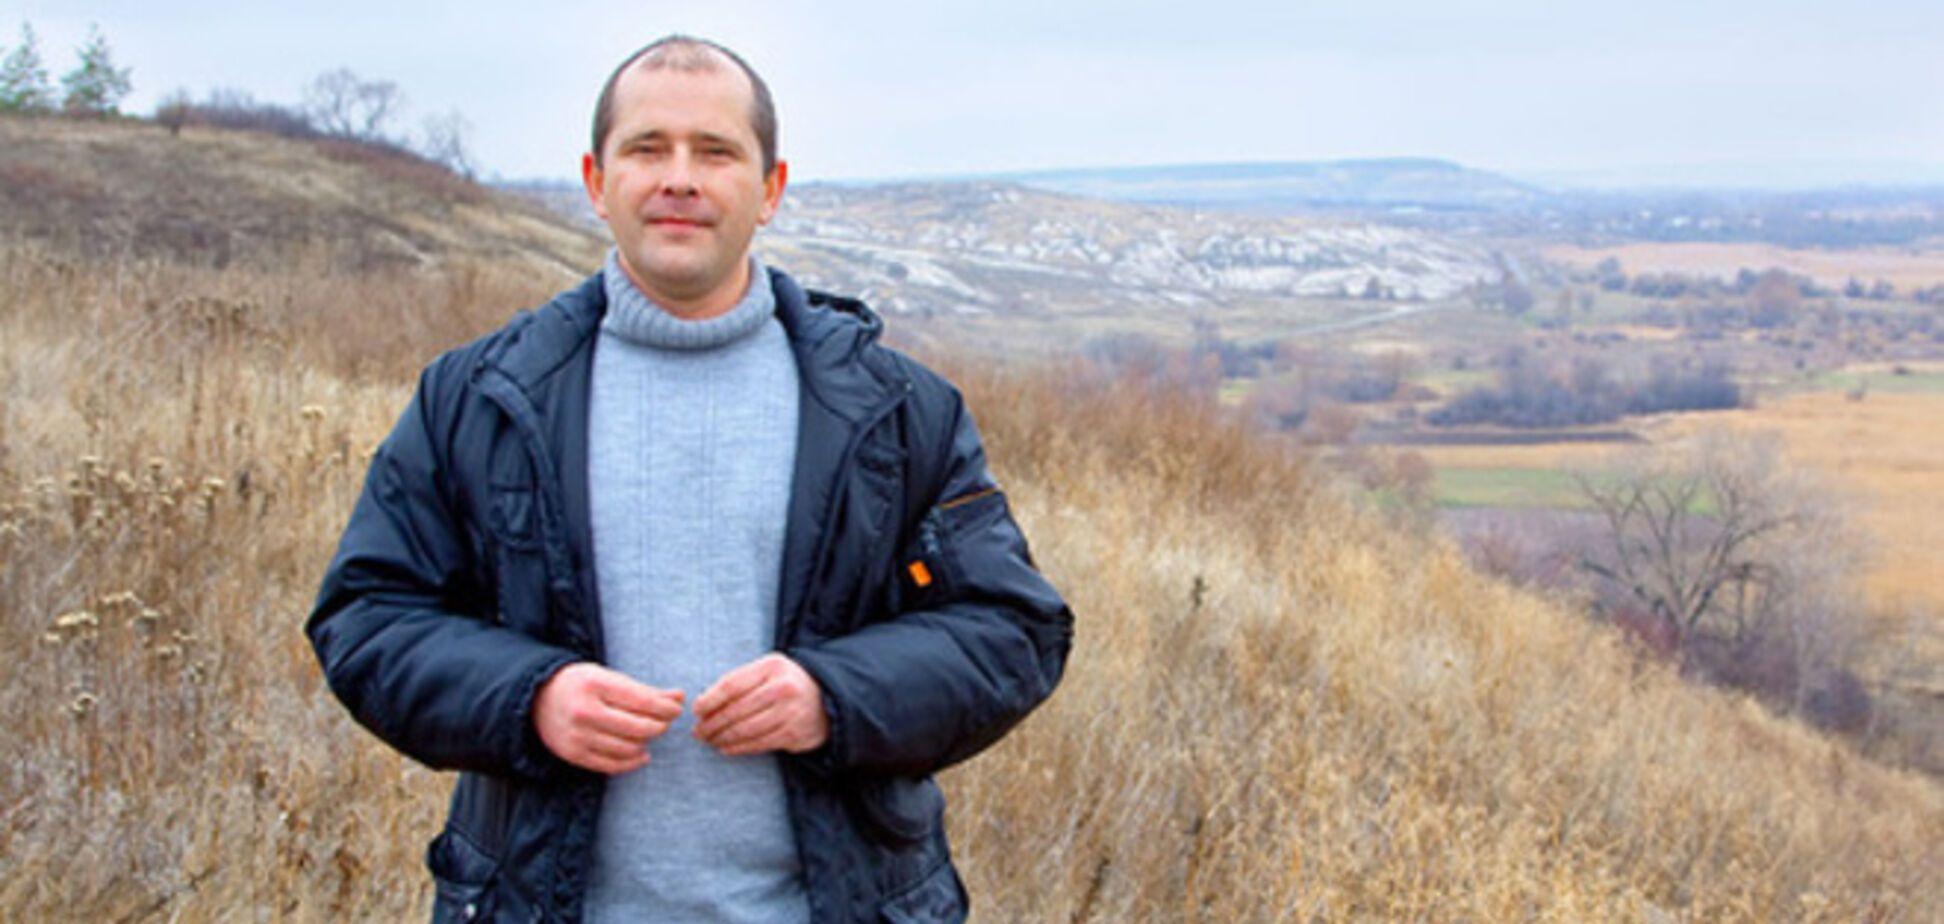 Корреспондент 'Обозревателя'  Александр Белокобыльский пропал в Луганске